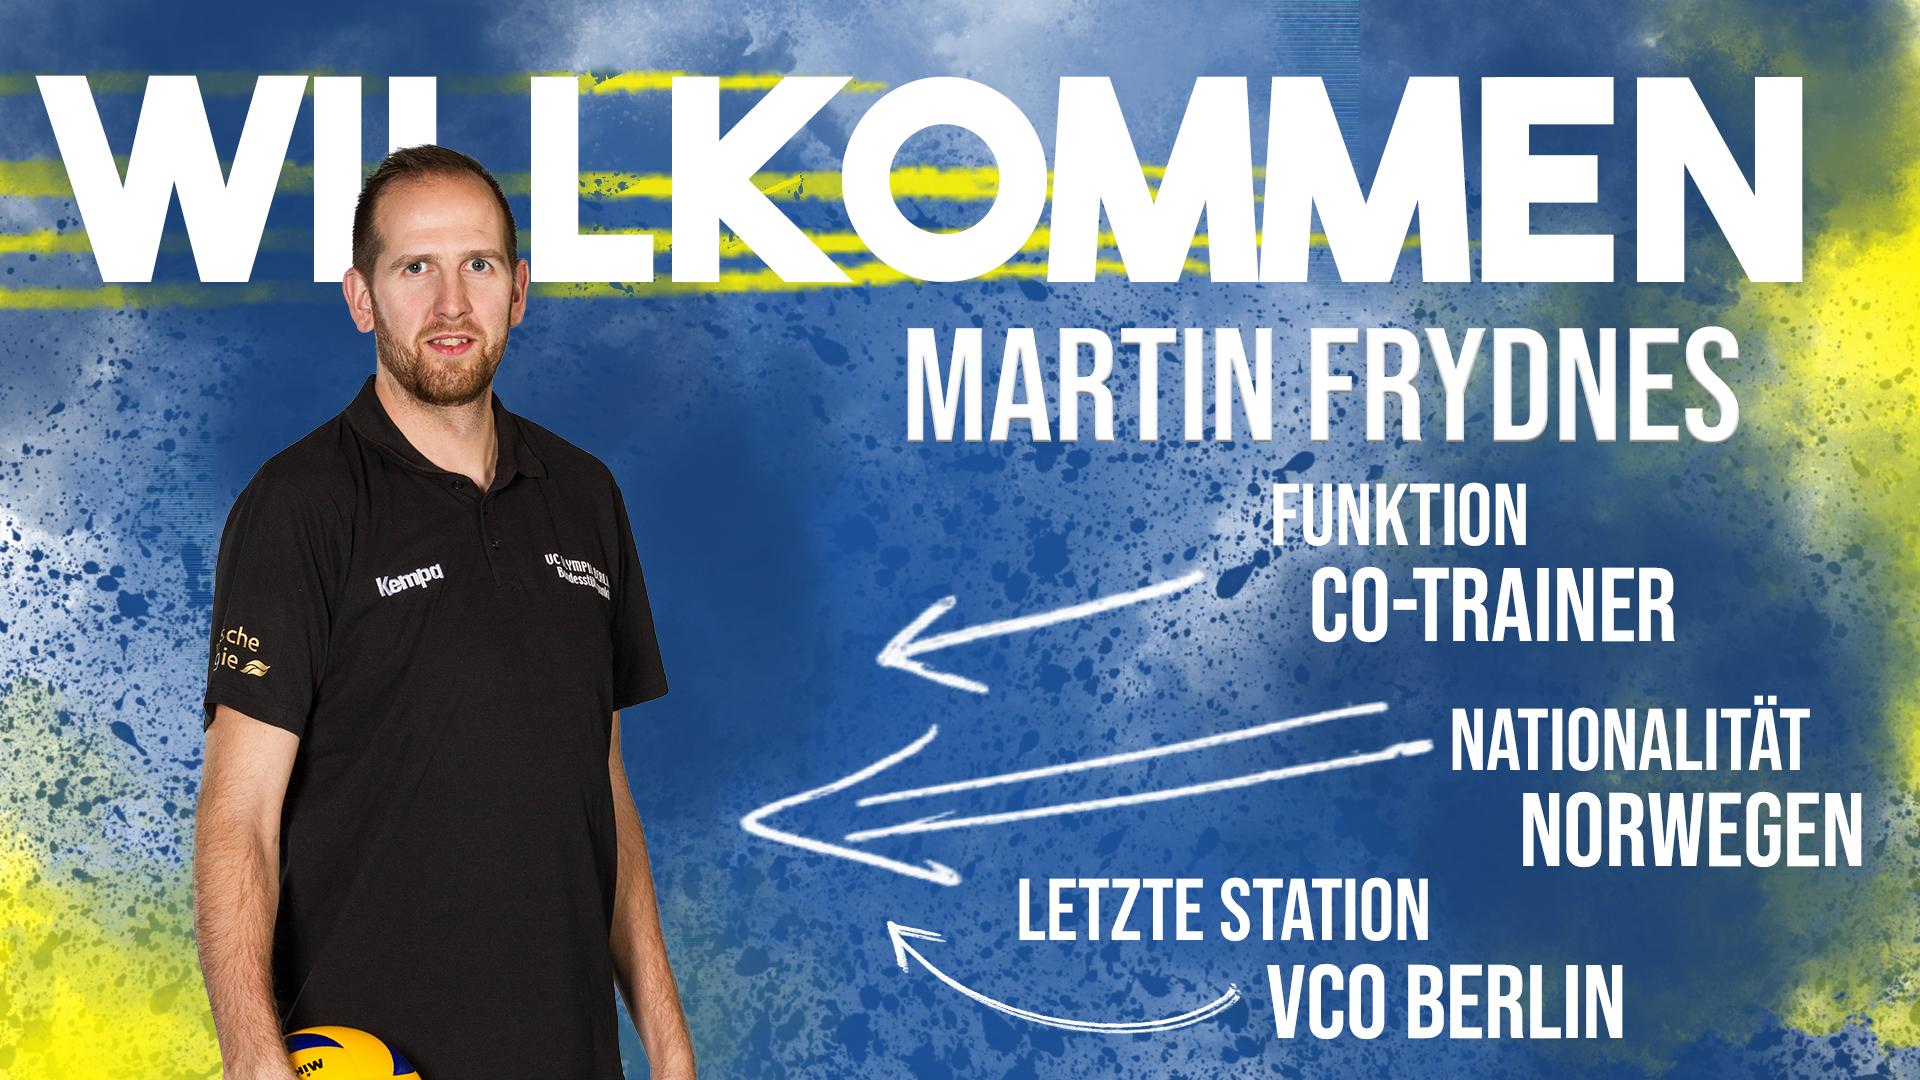 Martin Frydnes verstärkt die SSC-Trainerbank